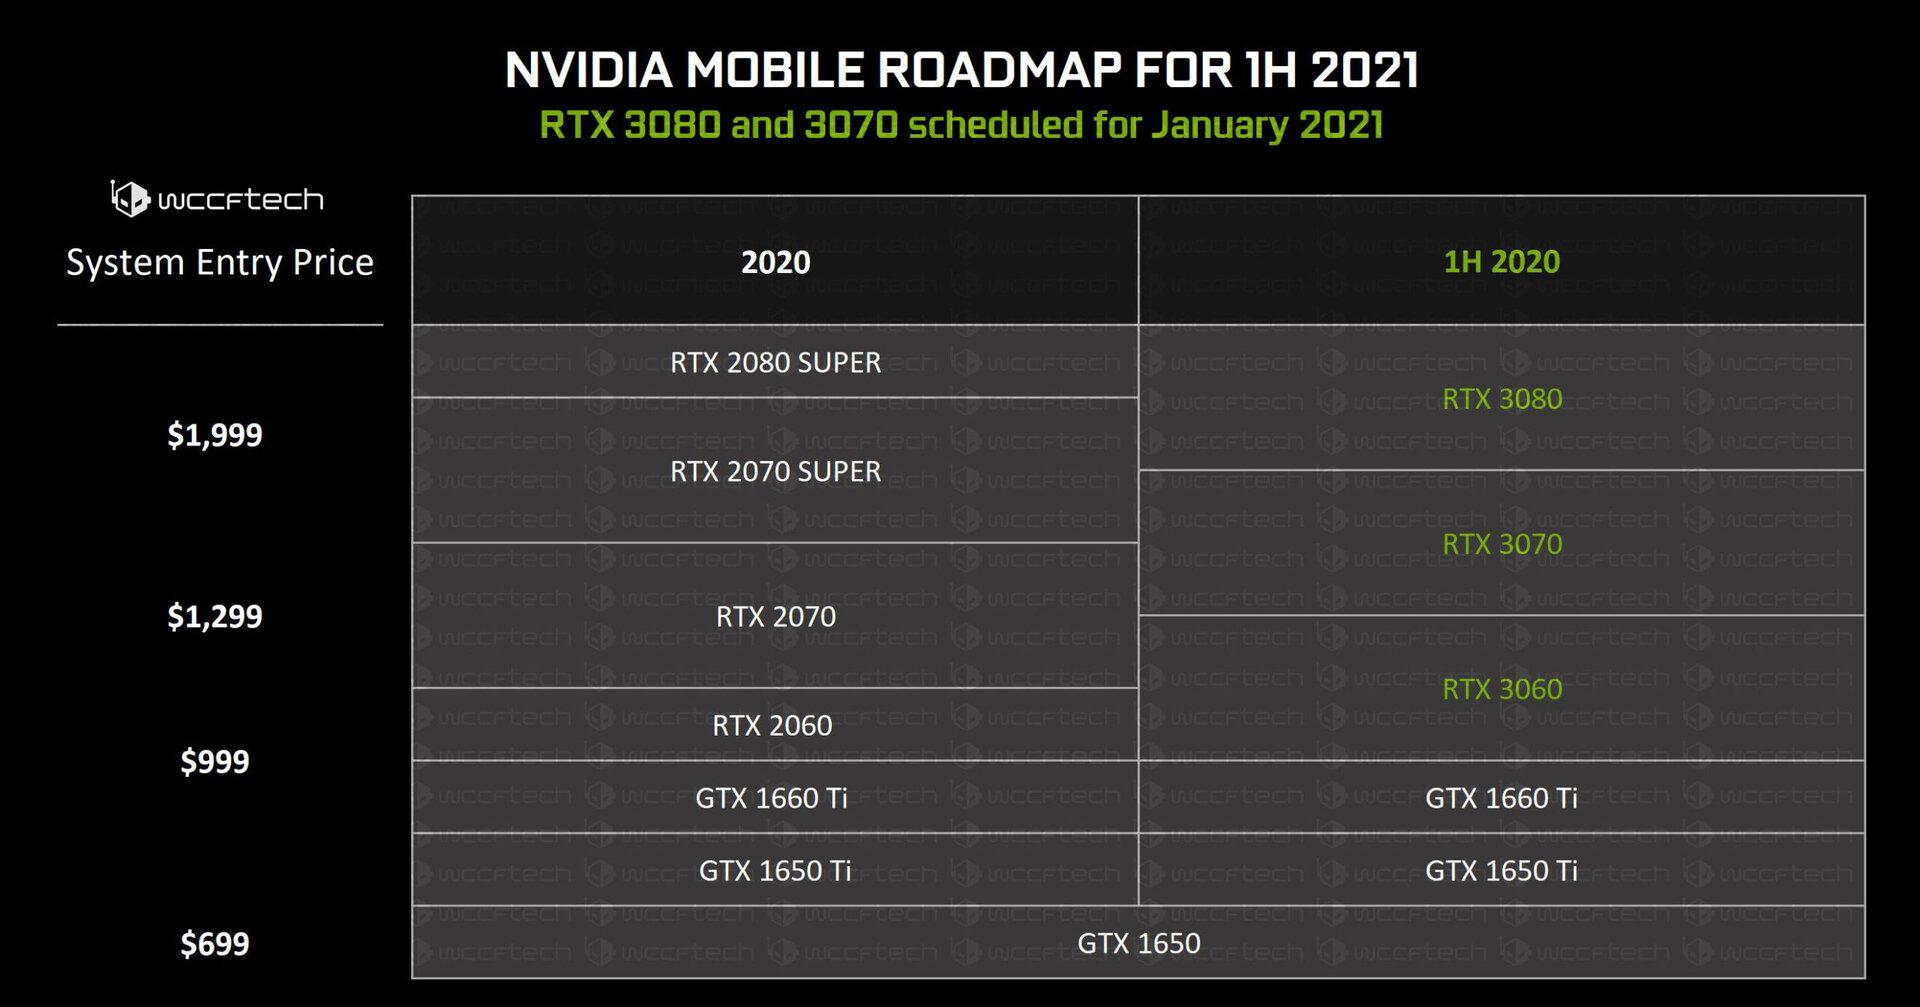 Mutmaßliche Nvidia-Roadmap für RTX 3000 Mobile